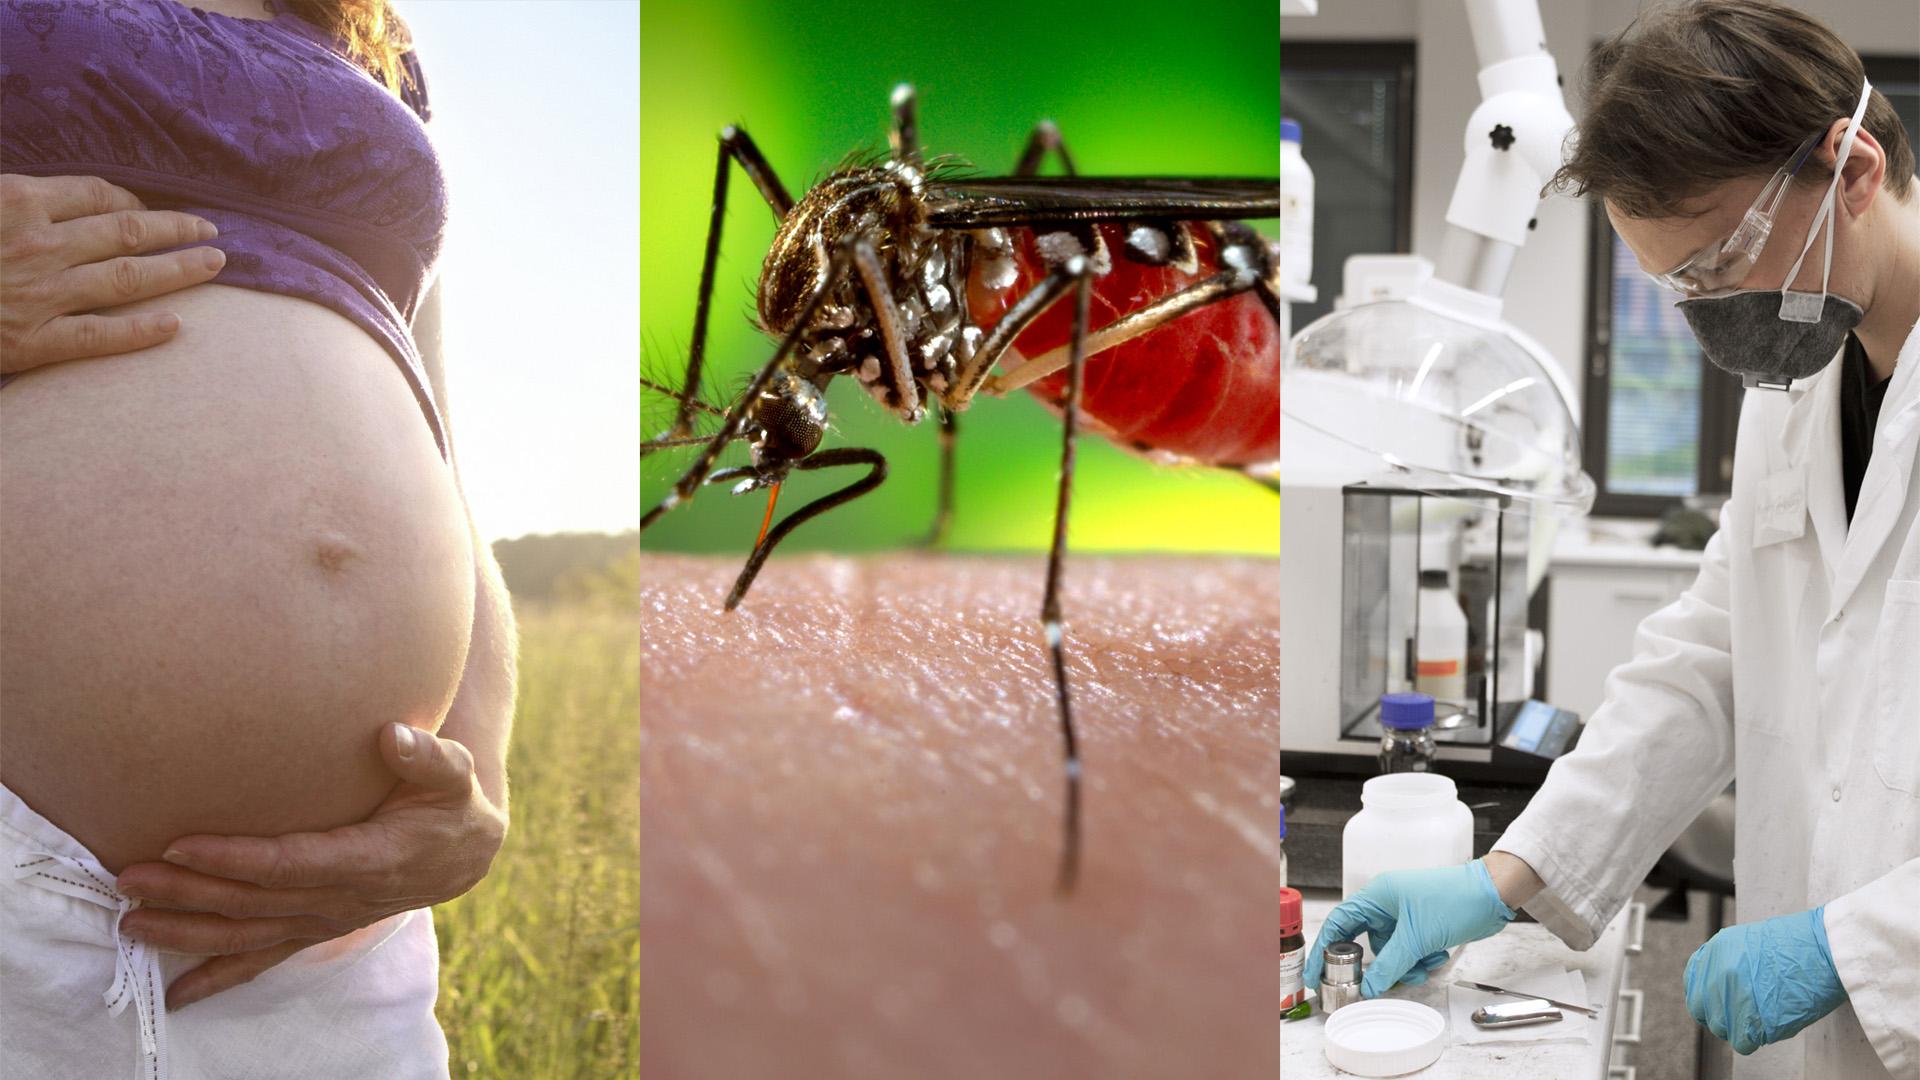 Sei preoccupato per Zika?   Il team Biologic ti racconta quello che dovresti sapere.   Scopri di più